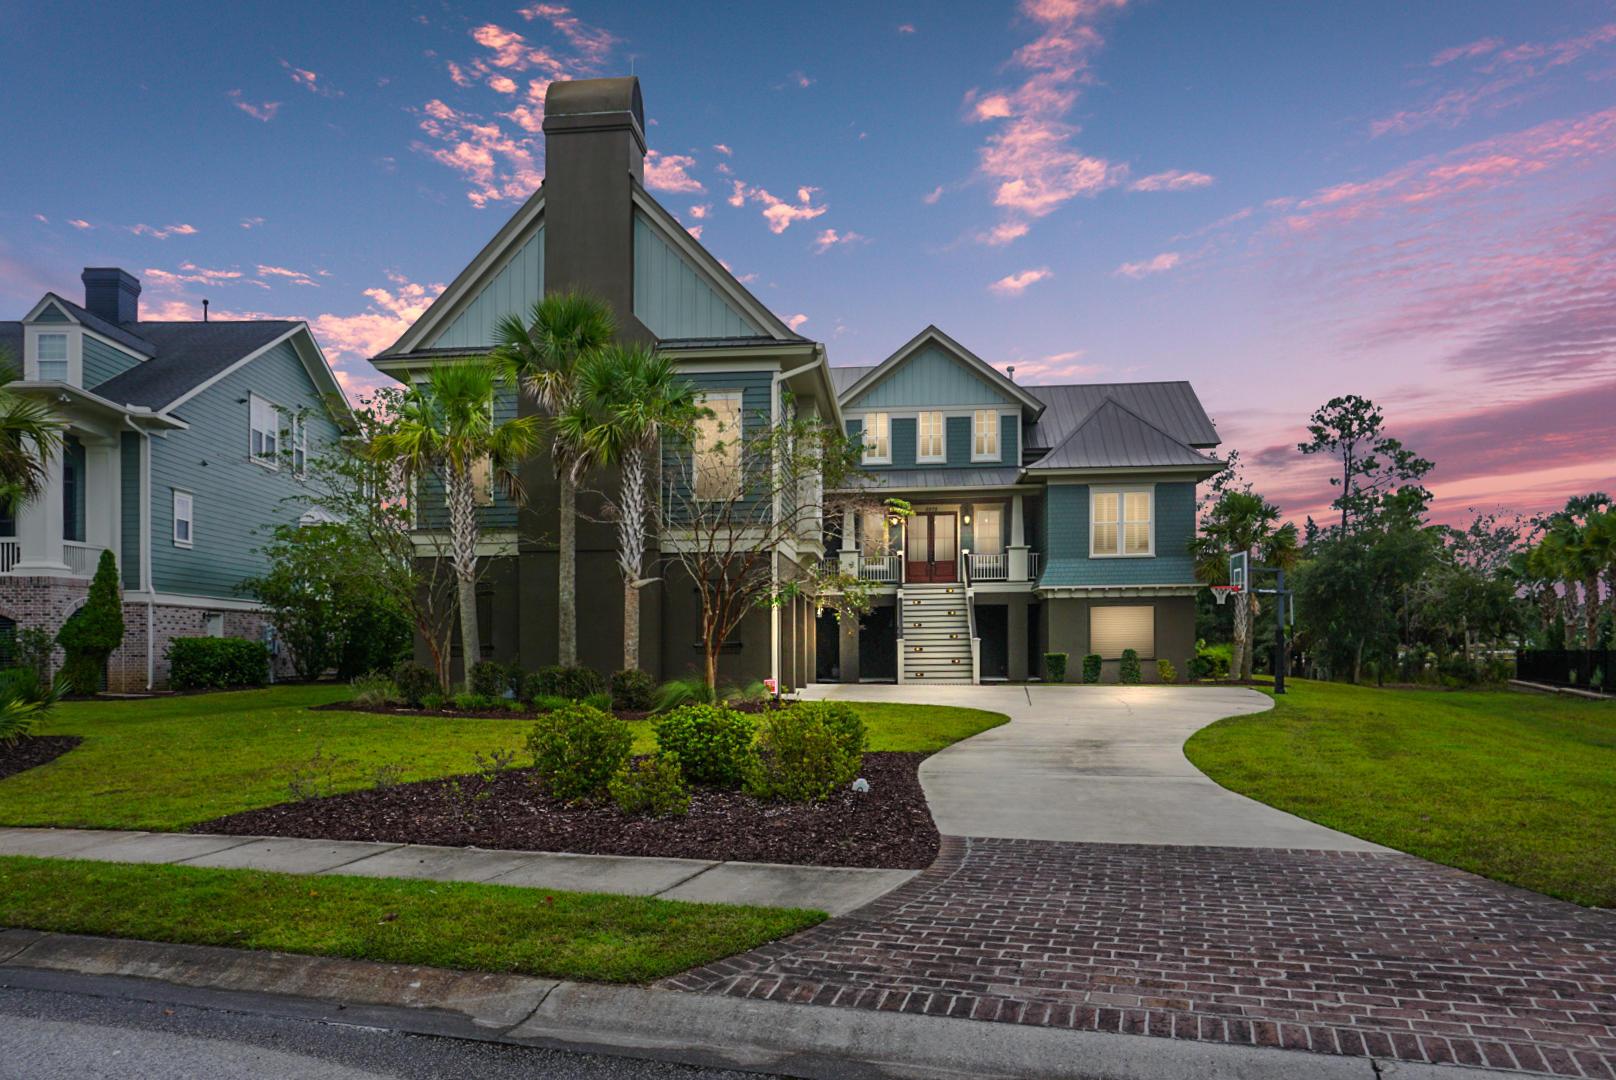 Dunes West Homes For Sale - 2978 River Vista, Mount Pleasant, SC - 36